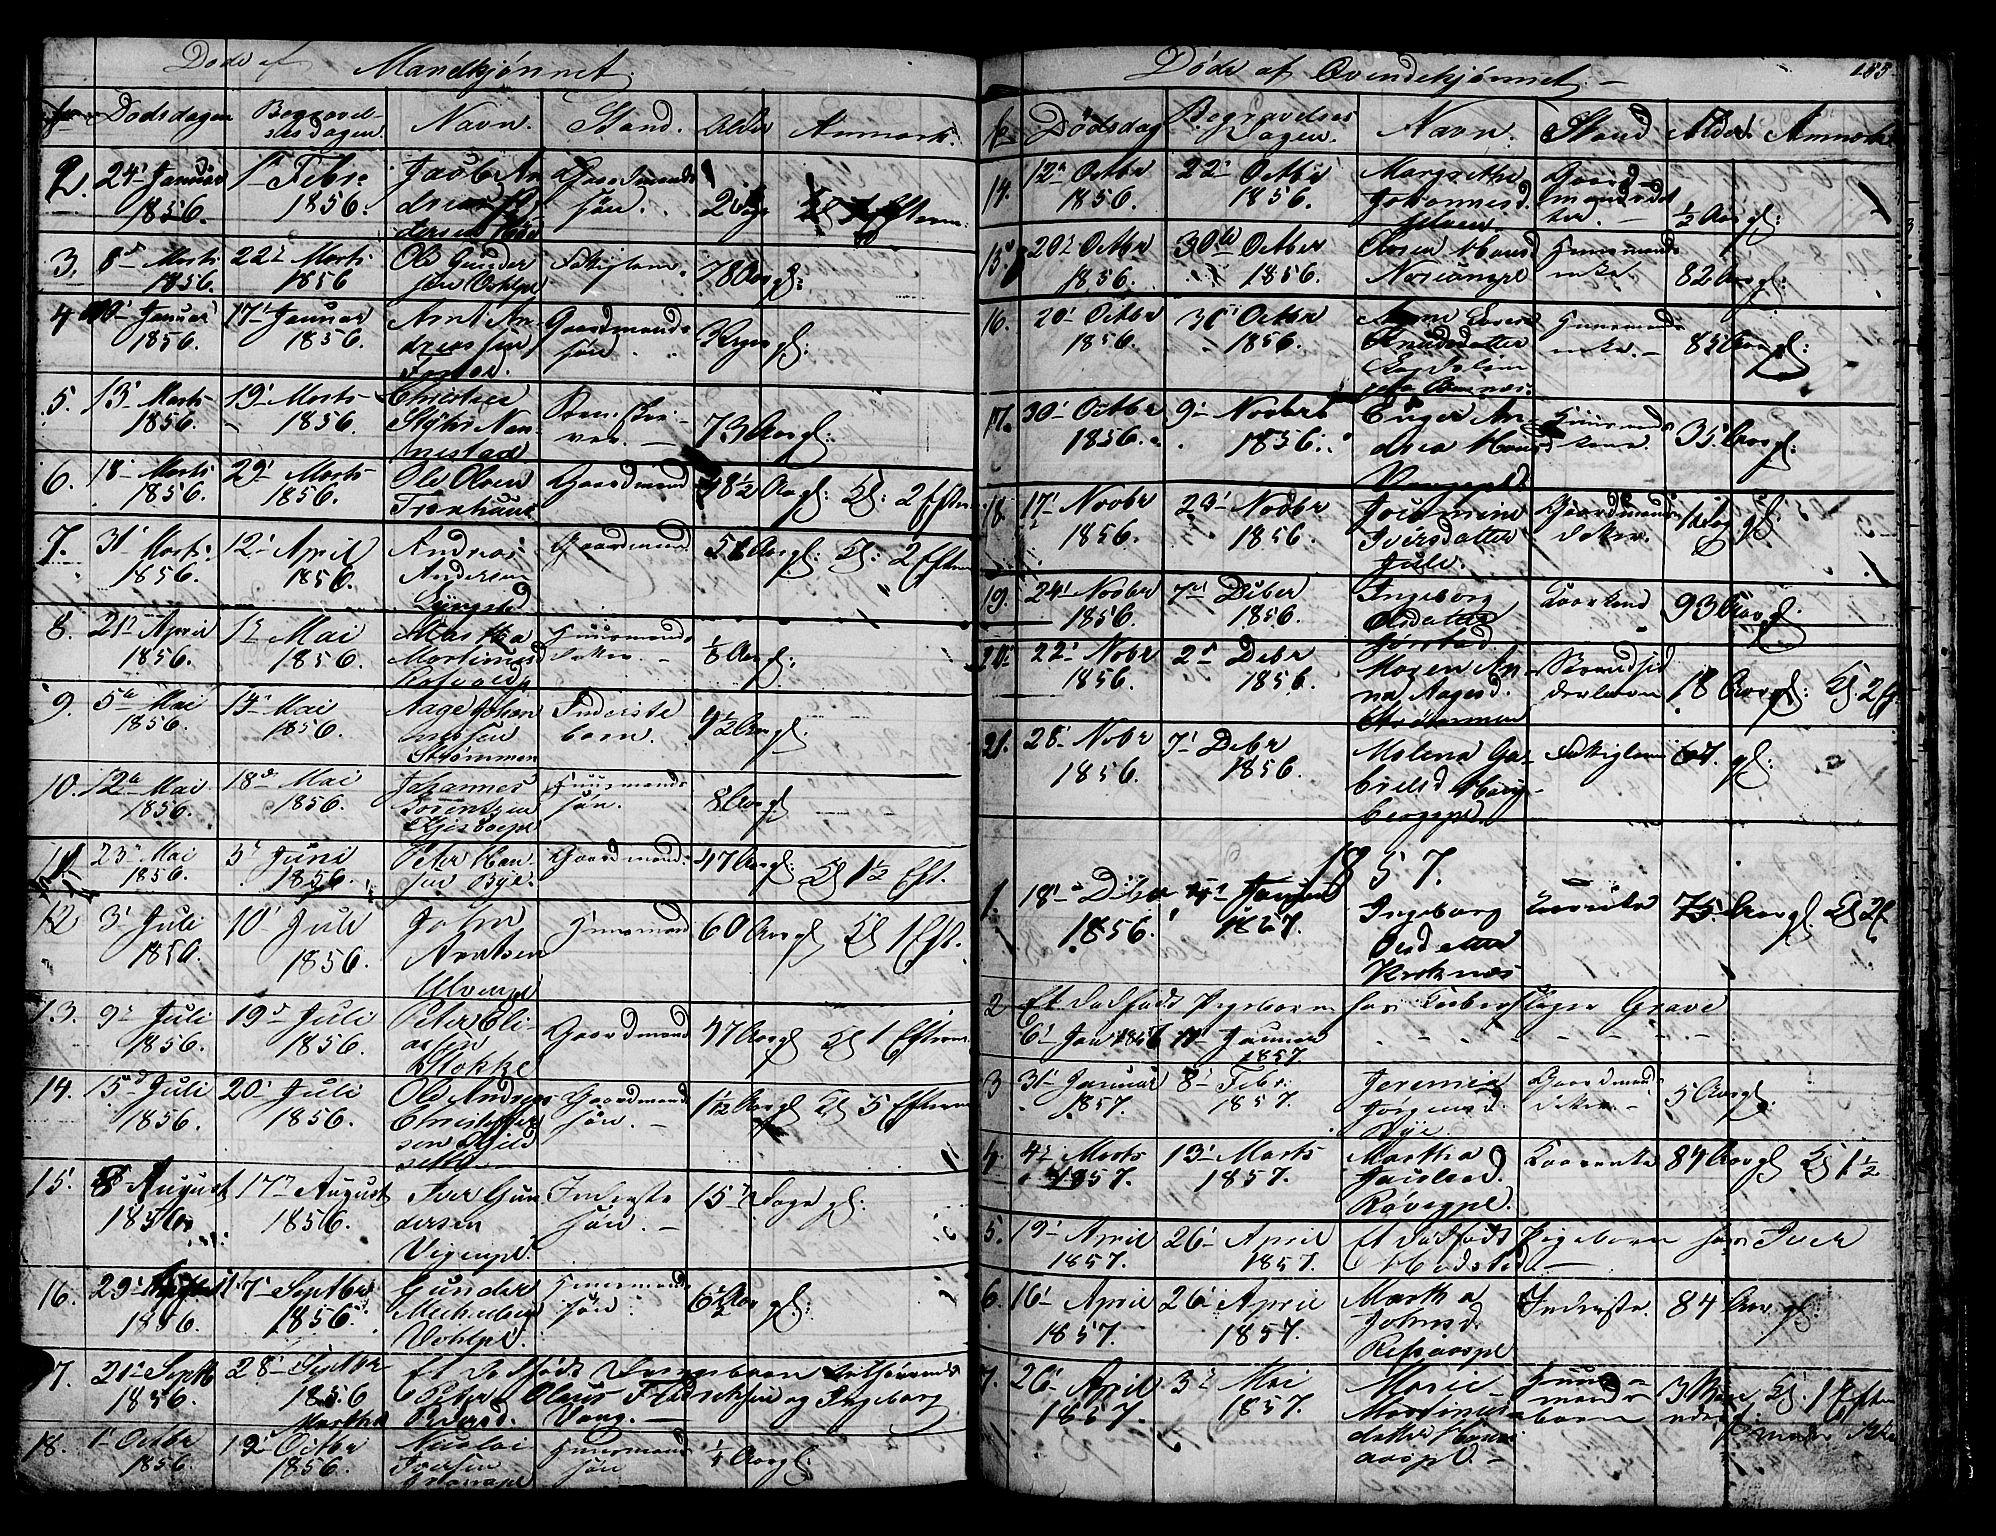 SAT, Ministerialprotokoller, klokkerbøker og fødselsregistre - Nord-Trøndelag, 730/L0299: Klokkerbok nr. 730C02, 1849-1871, s. 155